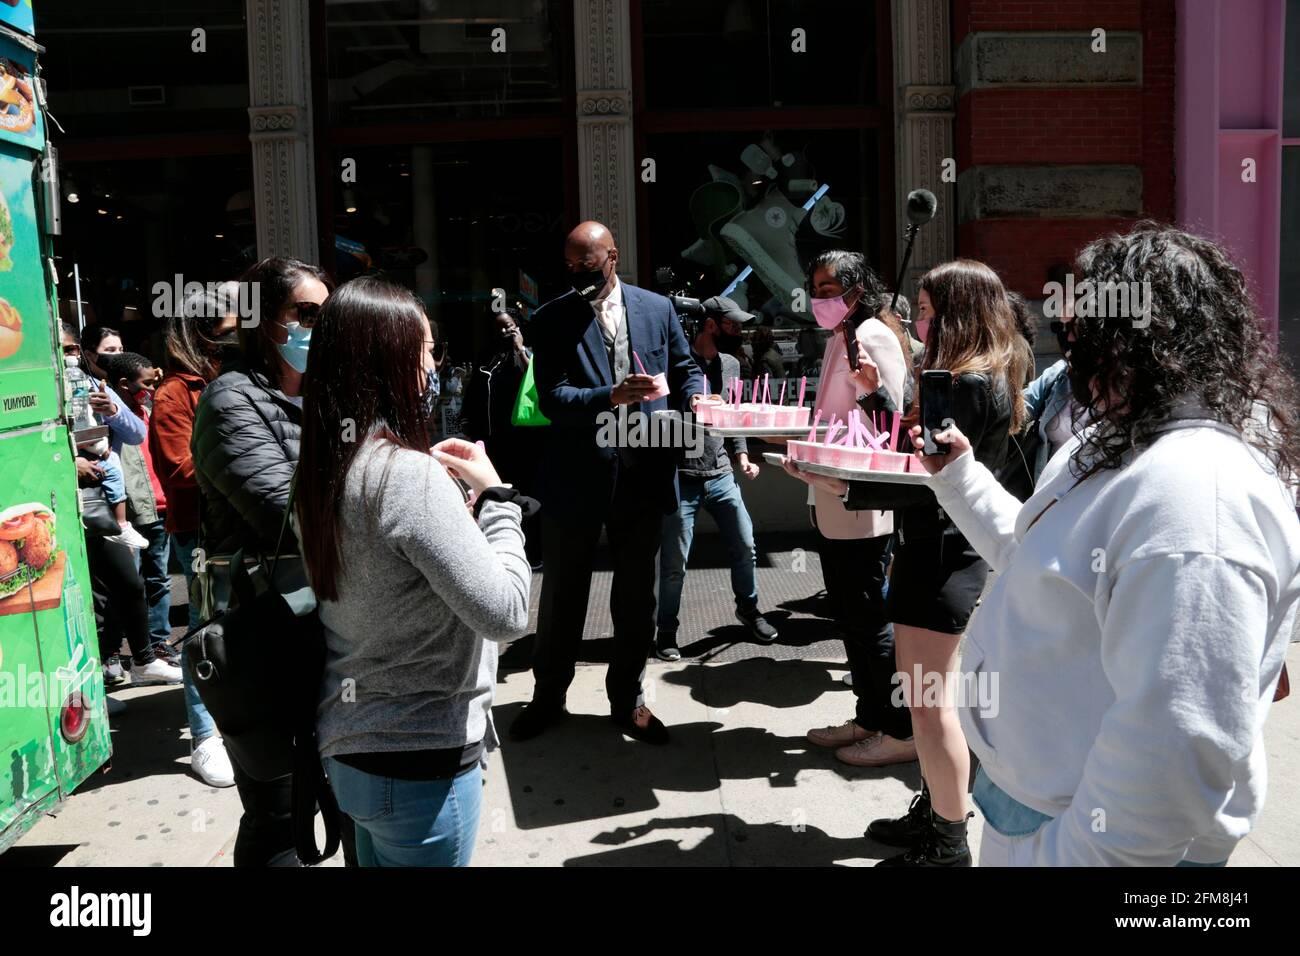 New York, NY, États-Unis. 6 mai 2021. Le candidat Mayoral de New York City Ray McGuire participe au forum avec des chefs d'entreprise sur ses directives pour le retour de New York organisé par Manish Vora - Co-PDG et fondateur - Museum of Ice Cream et sert ensuite Ice Cream à la communauté dans la section Soho de New York Ville le 6 mai 2021. Crédit : Mpi43/Media Punch/Alamy Live News Banque D'Images